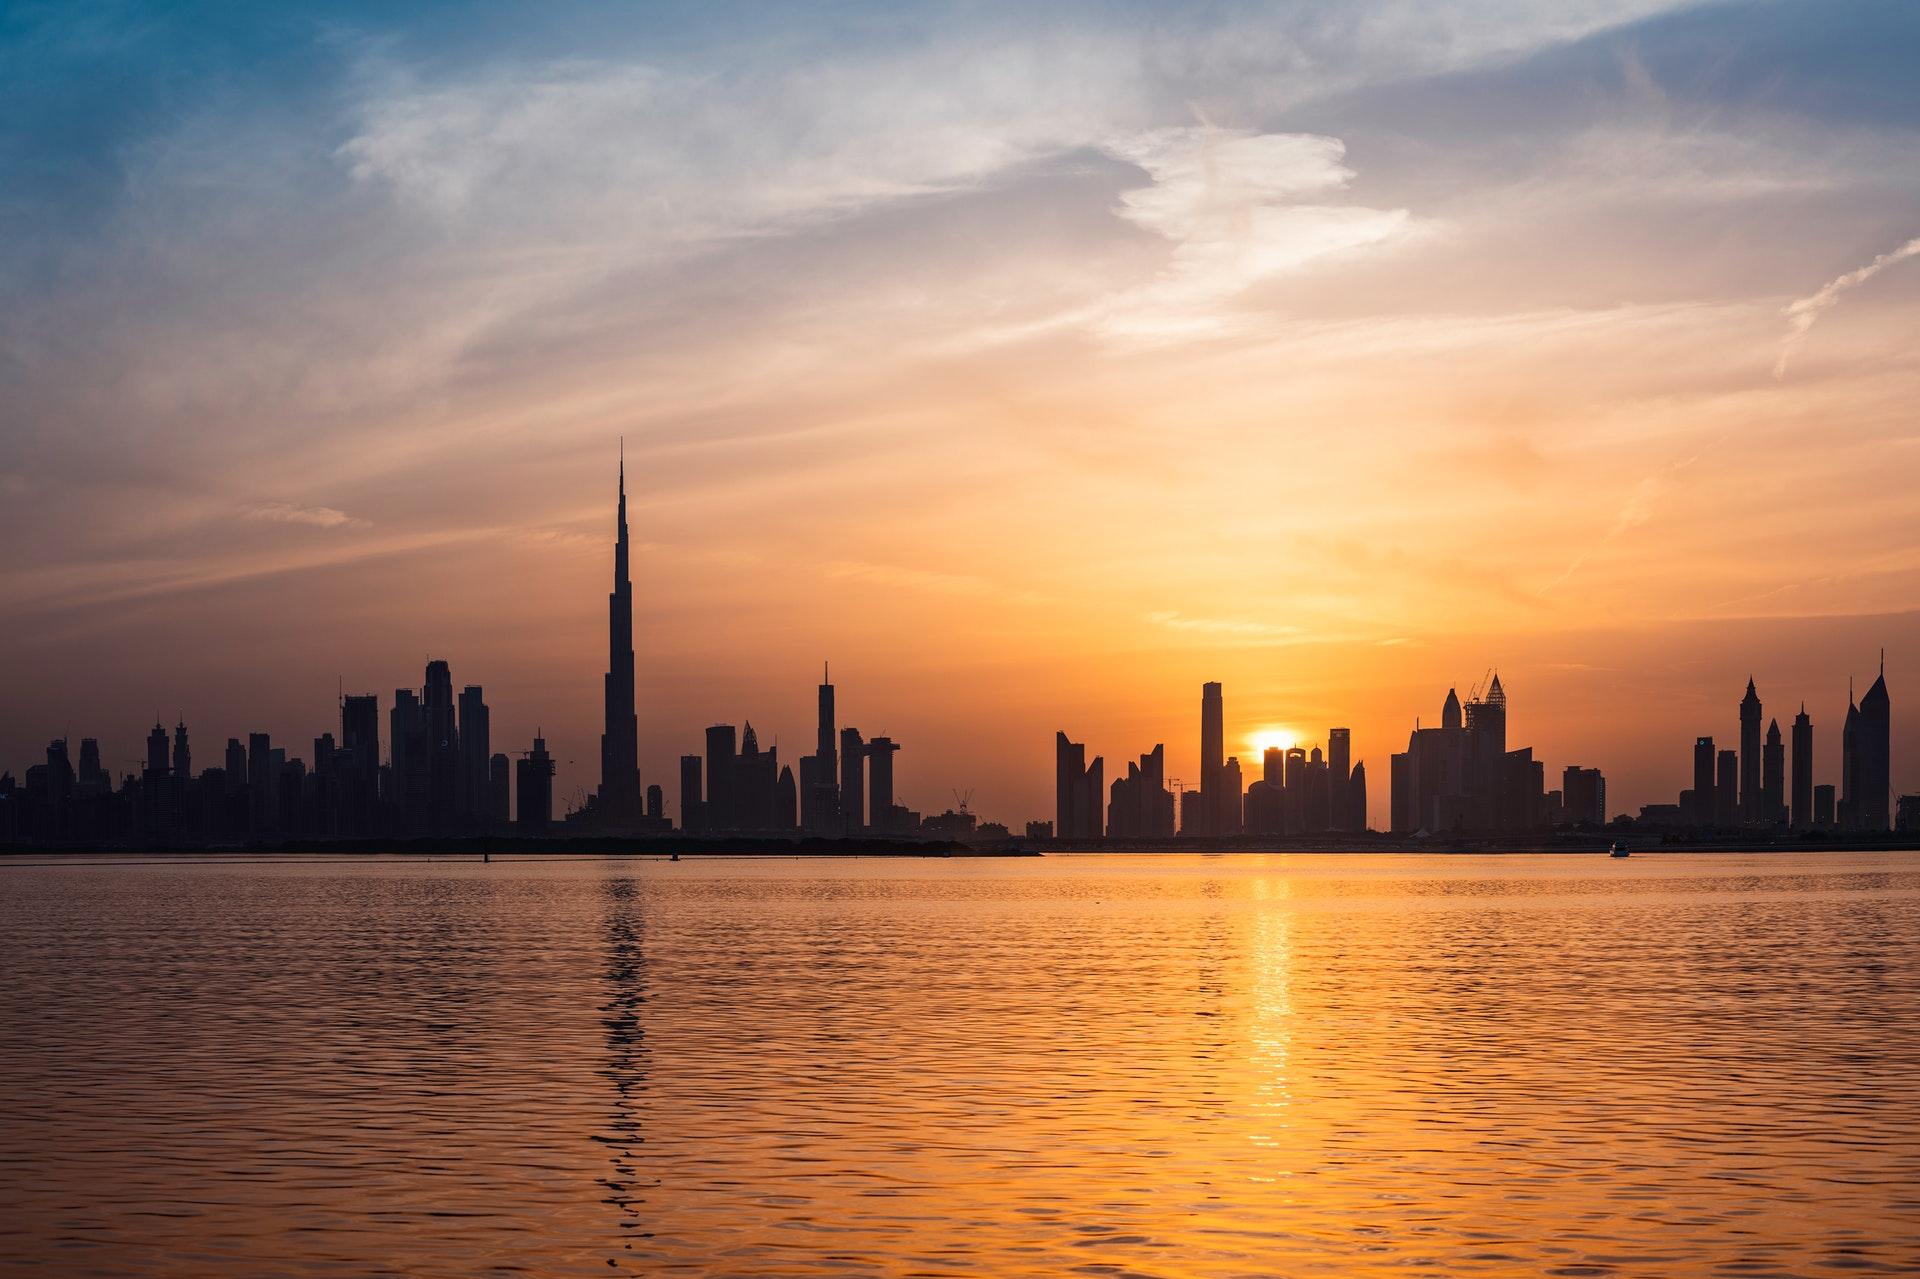 Дубай 2021, 6 нощувки - златен блясък и пустинно очарование, Екскурзия в Дубай 6 нощувки 2021, My Way Travel, Екскурзии Дубай, Дубай екскурзии